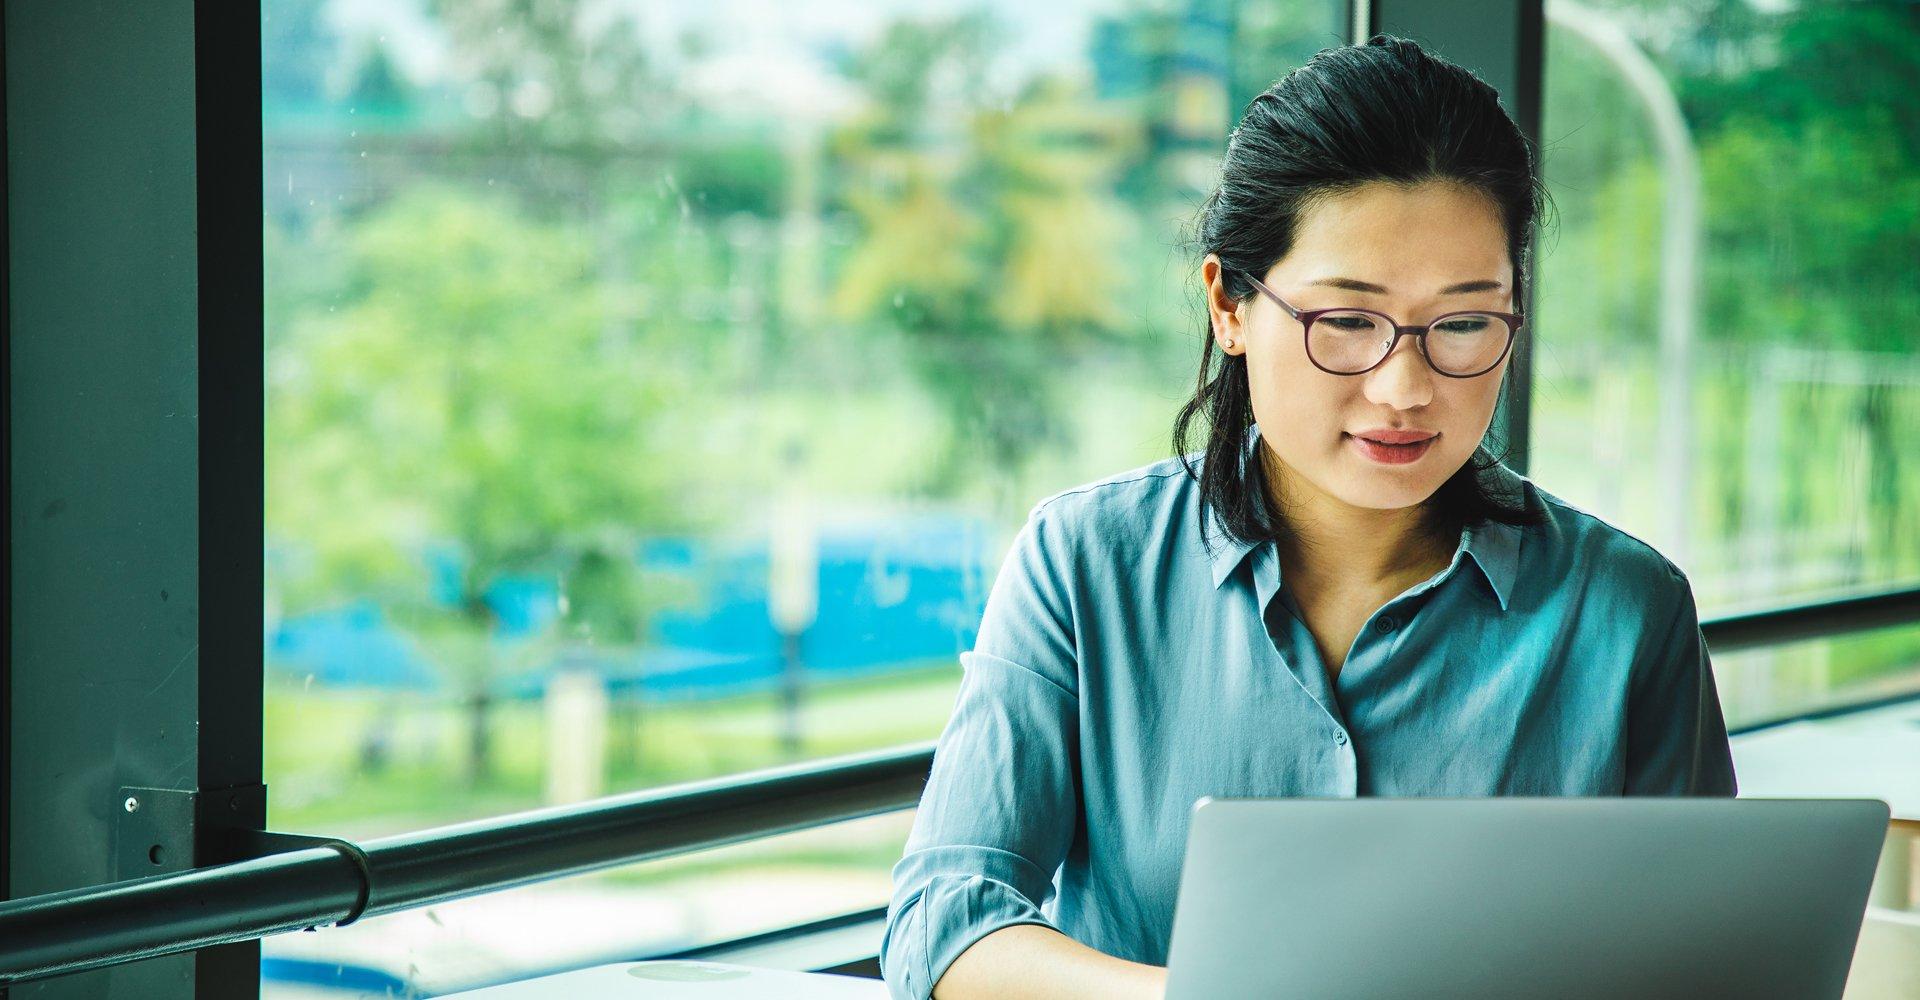 remote-work-benefits-risks